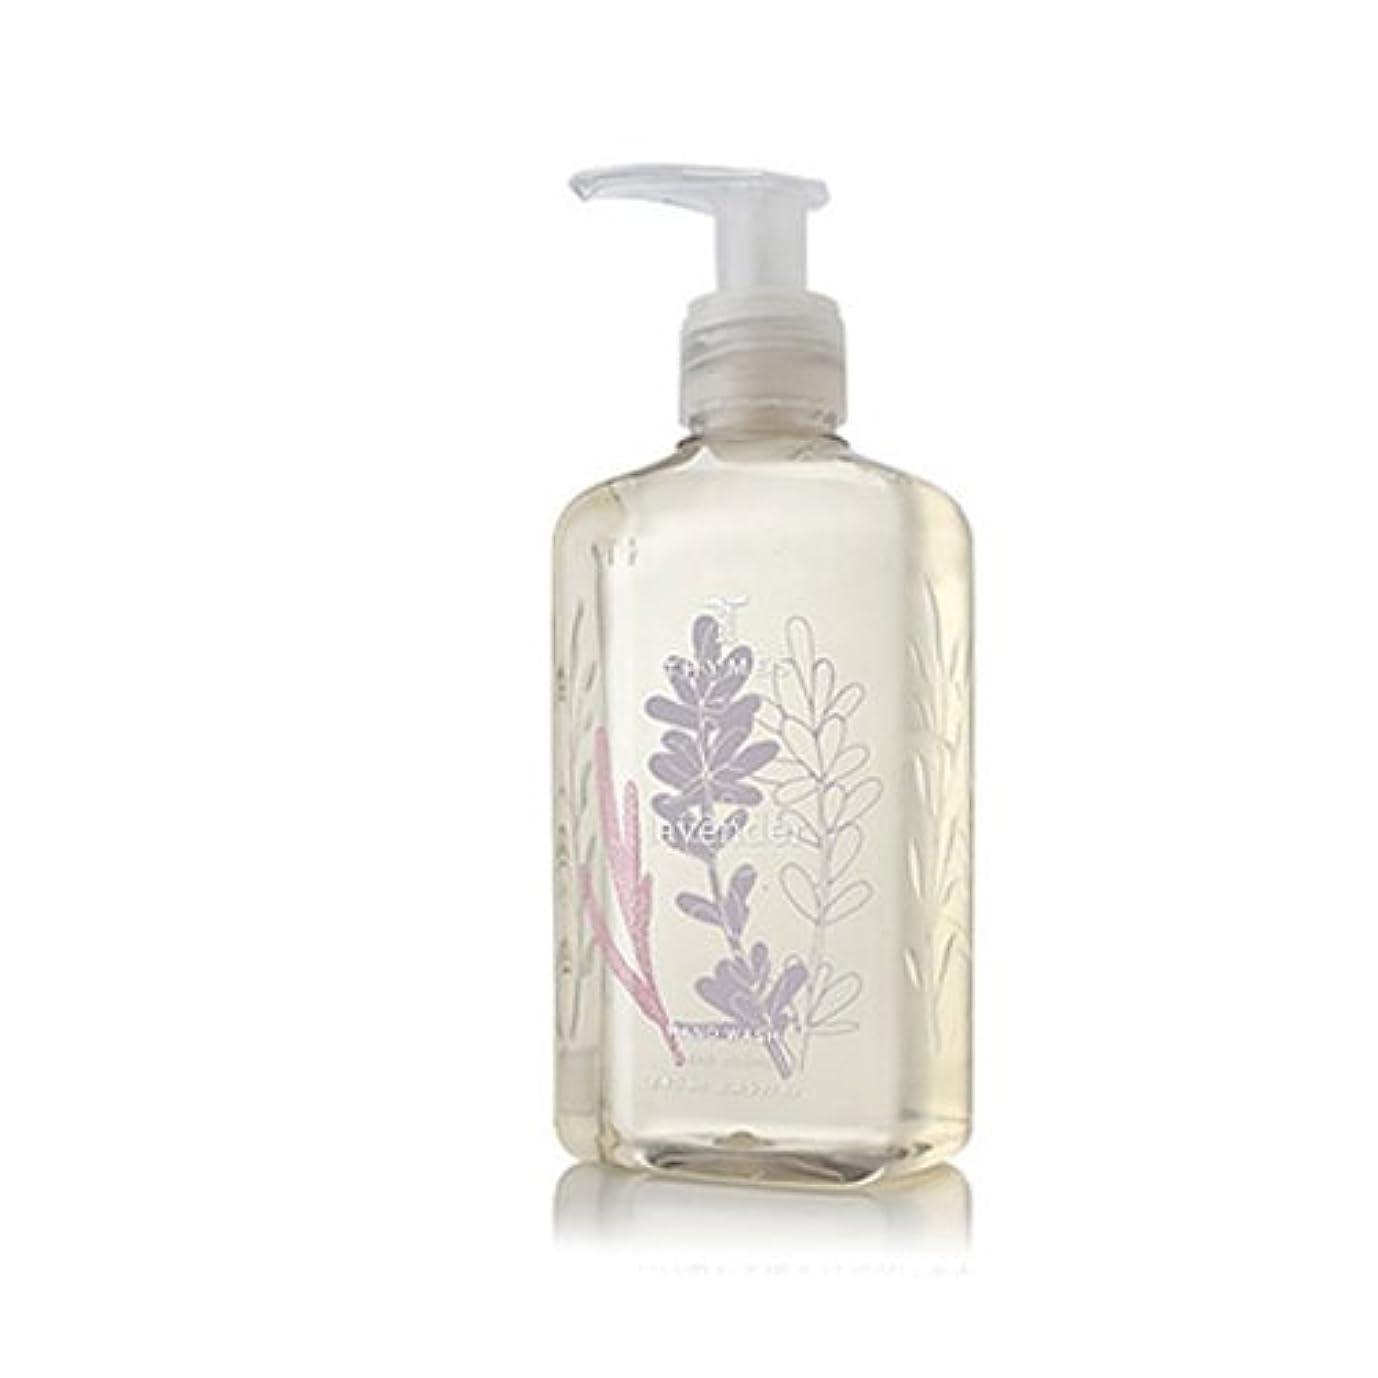 好意的概要ヘアTHYMES タイムズ ハンドウォッシュ 240ml ラベンダー Hand Wash 8.25 fl oz Lavender [並行輸入品]